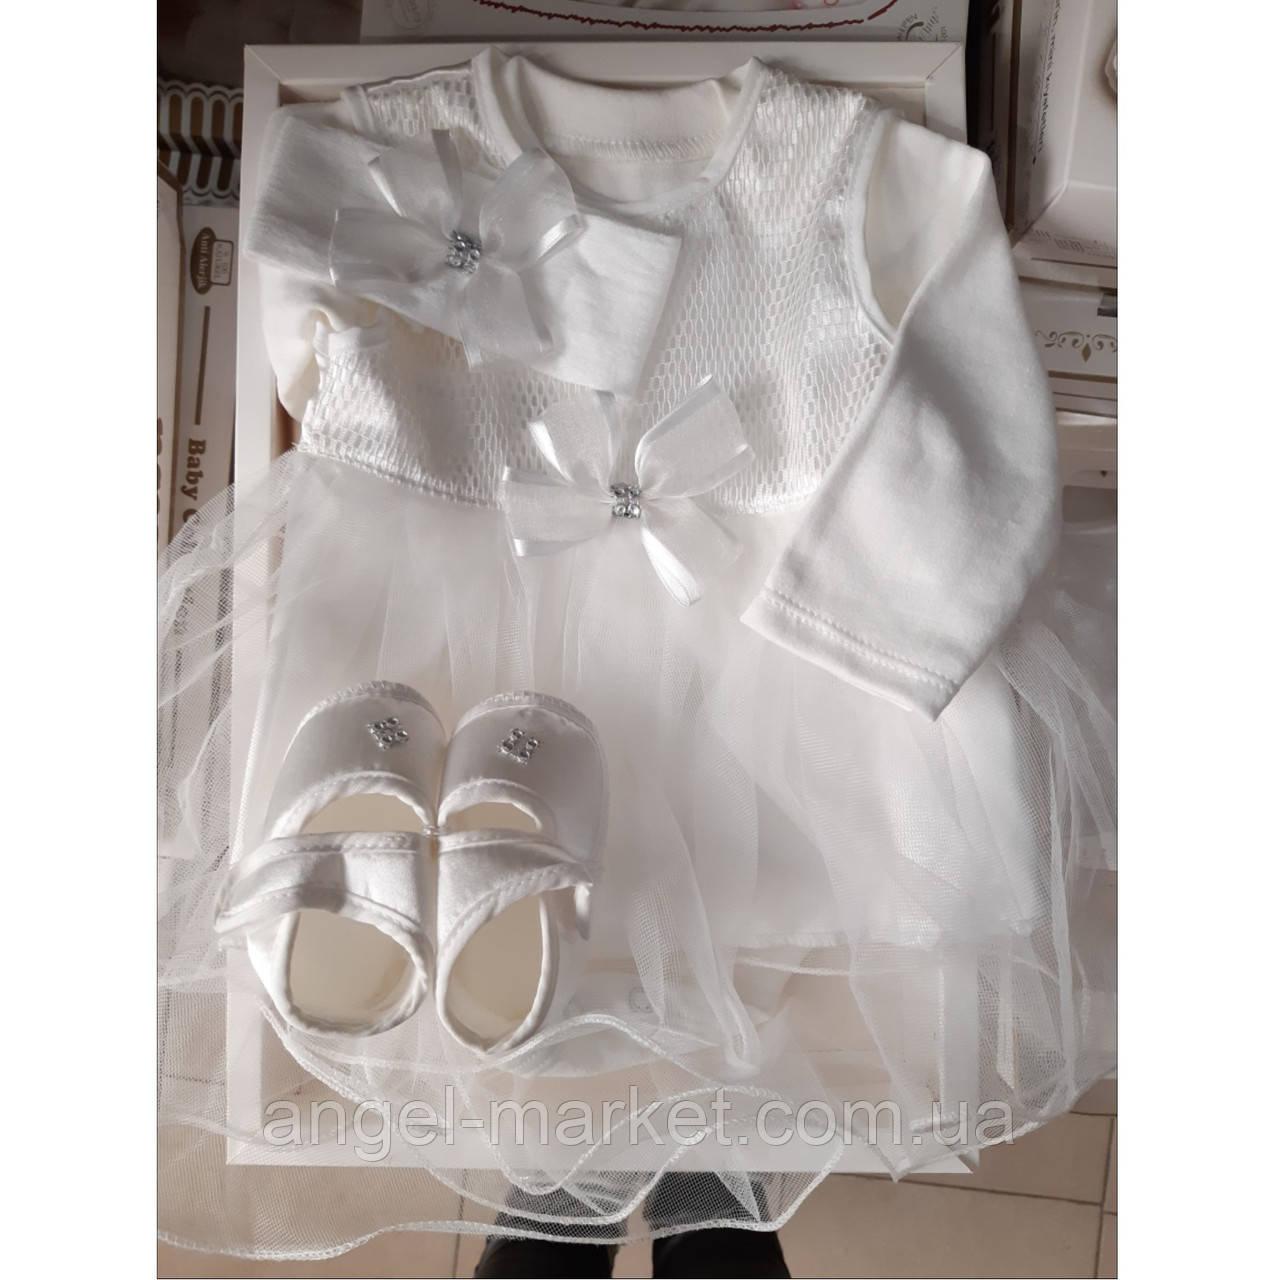 Комплект в коробке 4 предмета на выписку и крещение для девочек